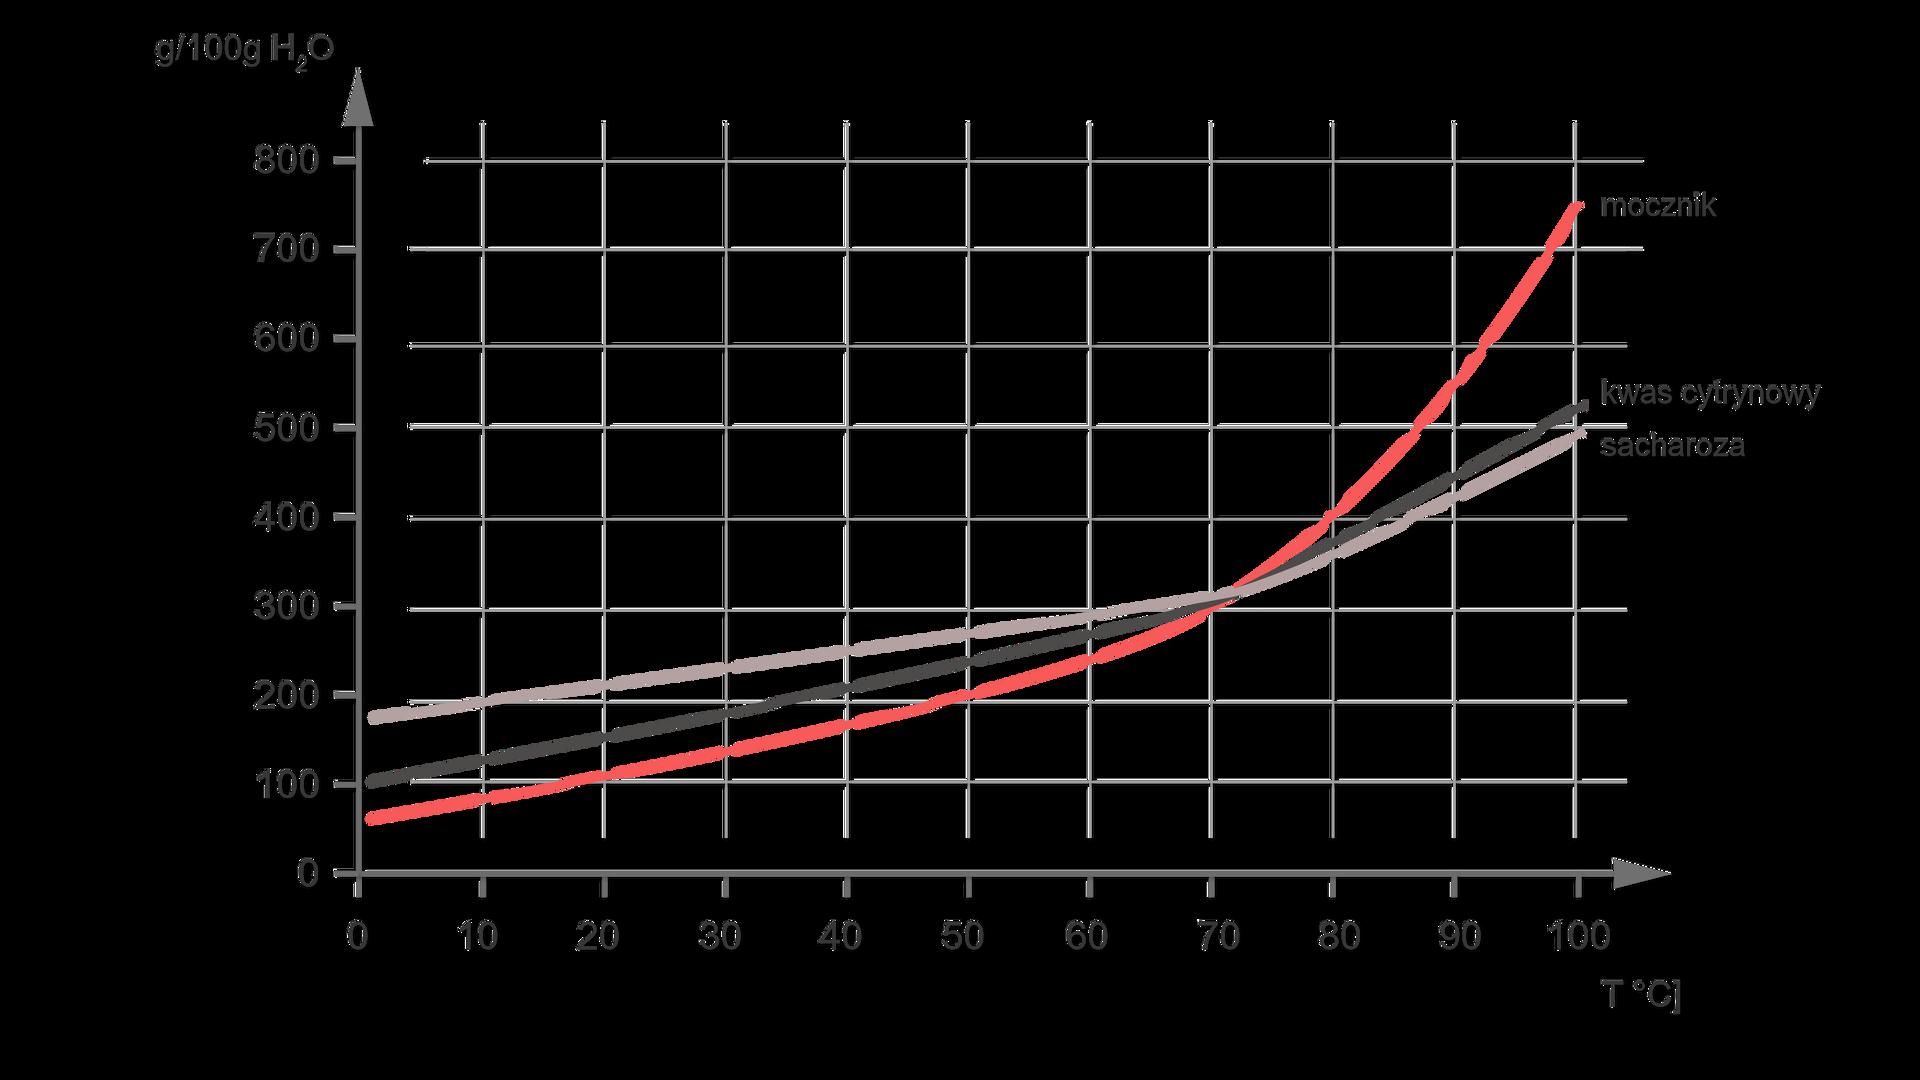 Wykres zależności temperatury od rozpuszczalności wgramach na 100 gramów wody. Na osi Xwartości od zera do stu, na osi Yod zera do ośmiuset. Na wykresie są krzywe sacharozy, mocznika ikwasu cytrynowego. Krzywa ma wartości wposzczególnych punktach (pierwsza wartość to oś X, duga oś Y): 0, 180 - 20, 210 - 40, 260 - 60, 300 - 80, 370 - 100, 500. Kwas cytrynowy: 0, 100 - 20, 150 - 40, 210 - 60, 280 - 80, 380 - 100, 420. Mocznik: 0, 60 - 20, 100 - 40, 180 - 60, 250 - 80, 400 - 100, 750.